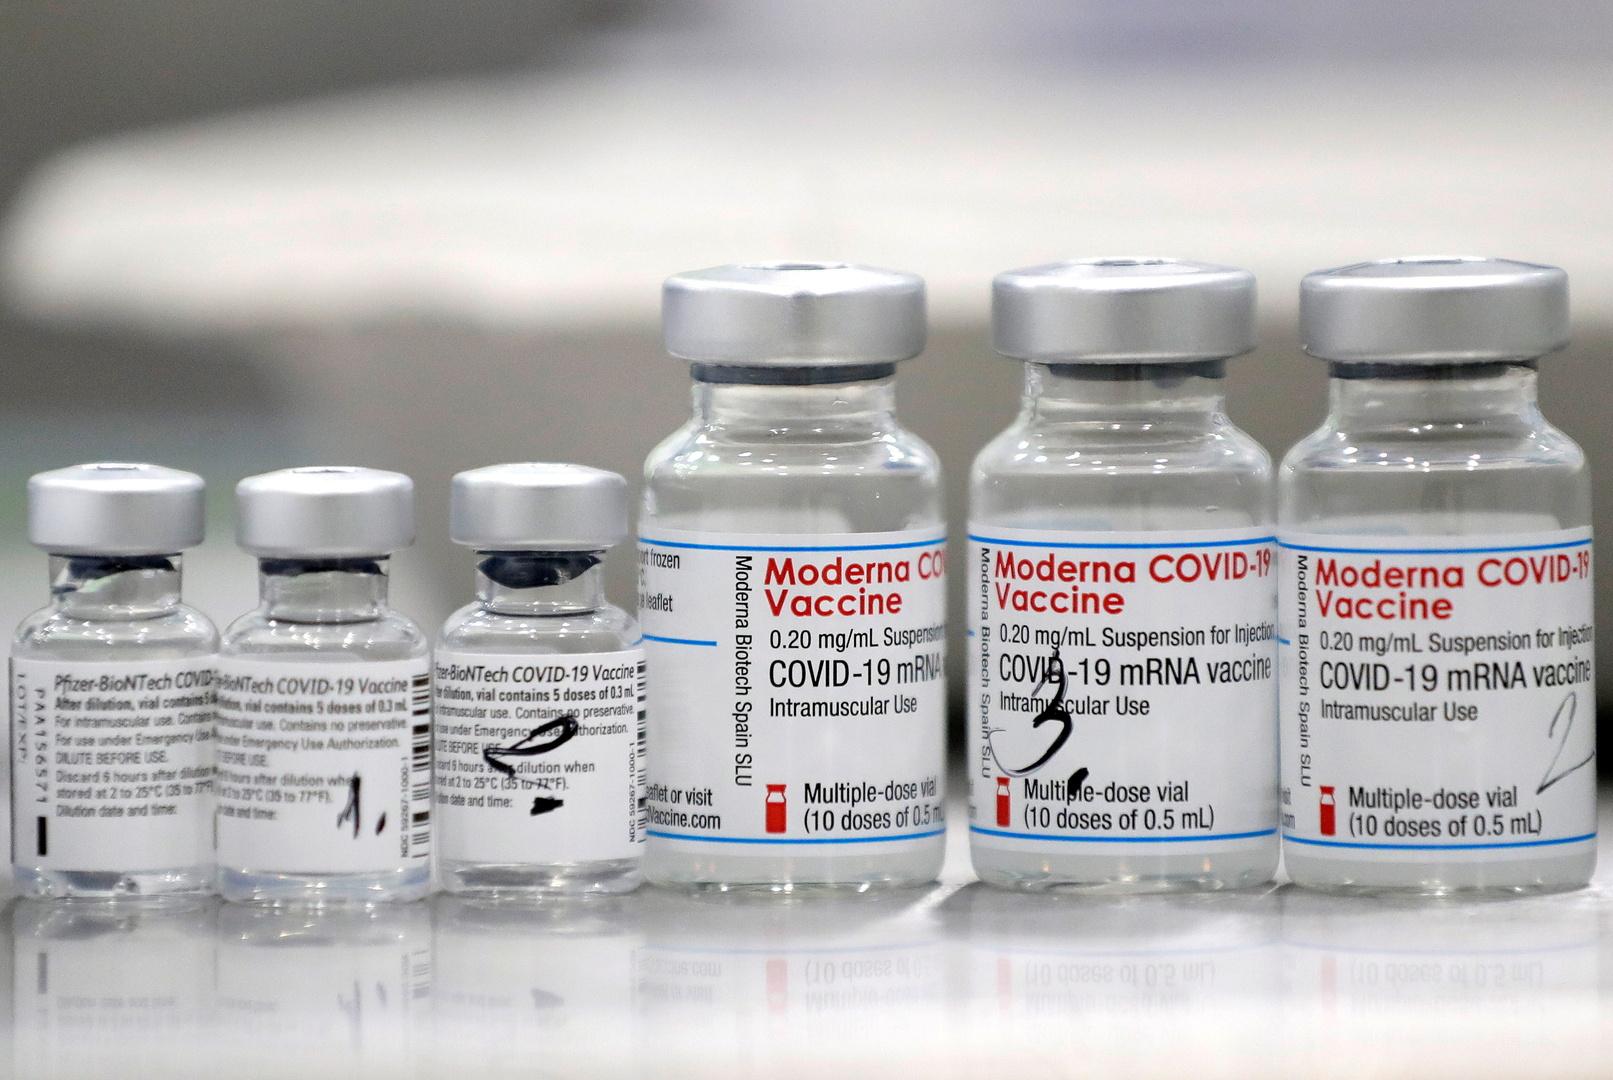 اليابان تسجل وفاة جديدة بين متلقي جرعات ملوثة من لقاح كورونا